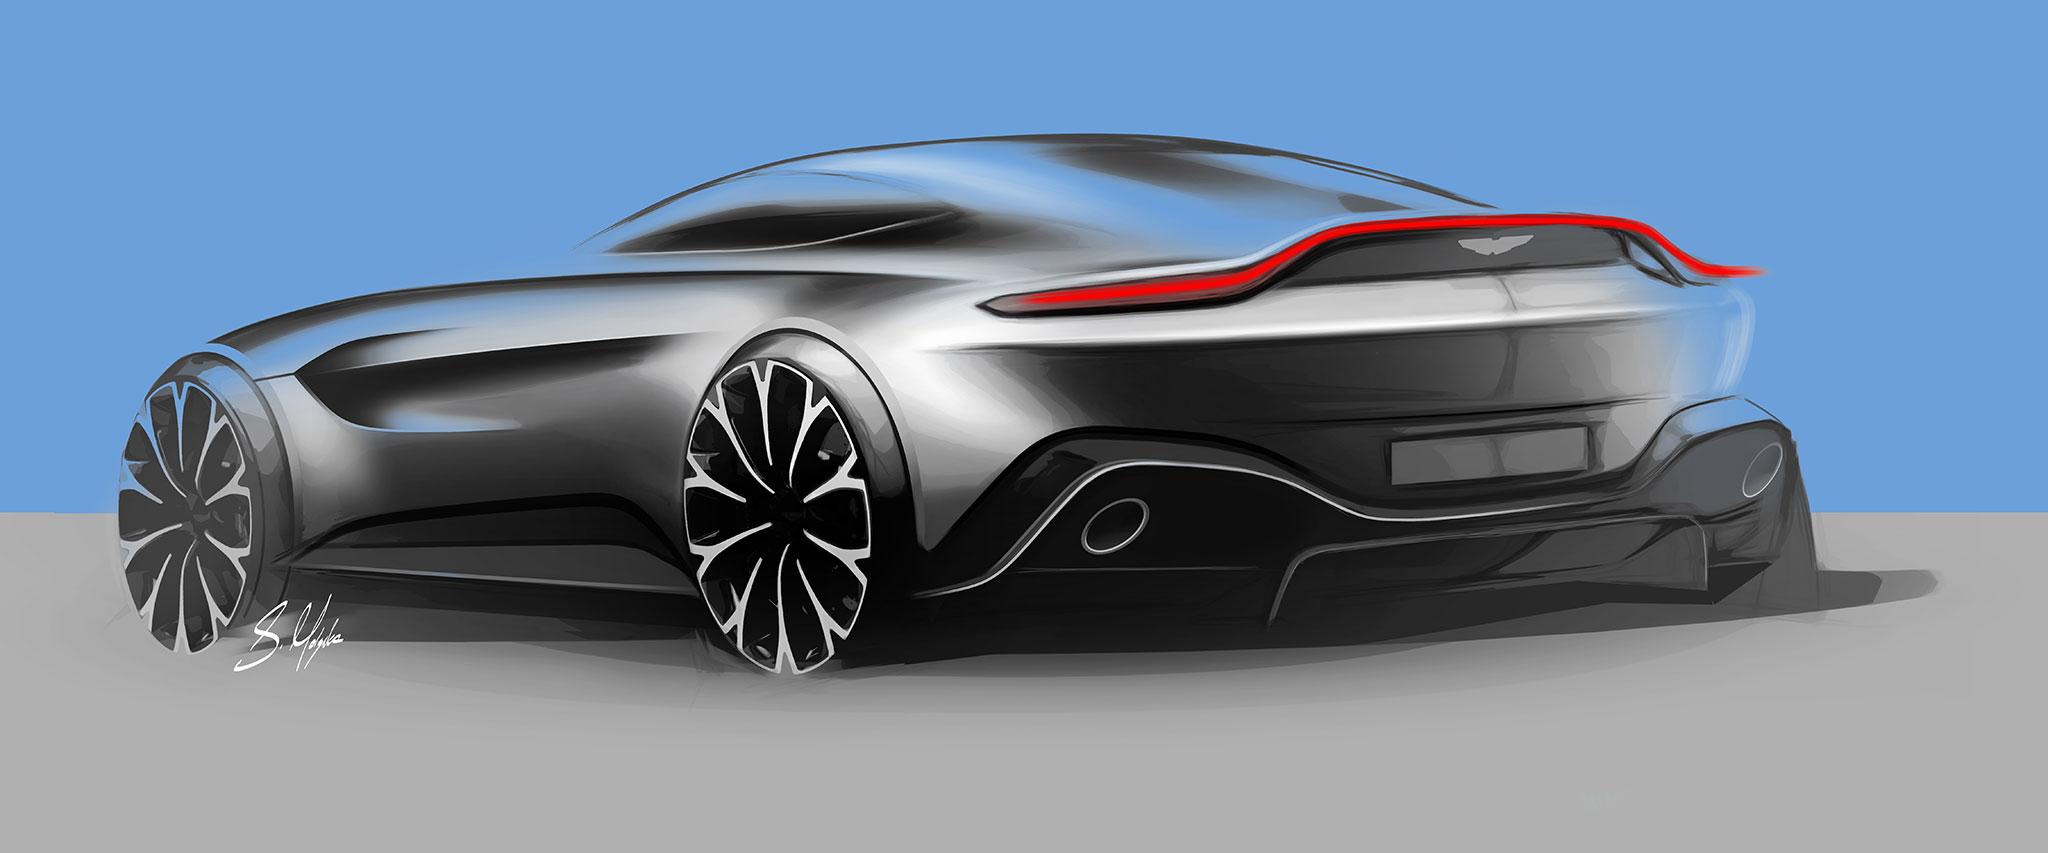 Aston Martin Vantage - 2018 - sketch